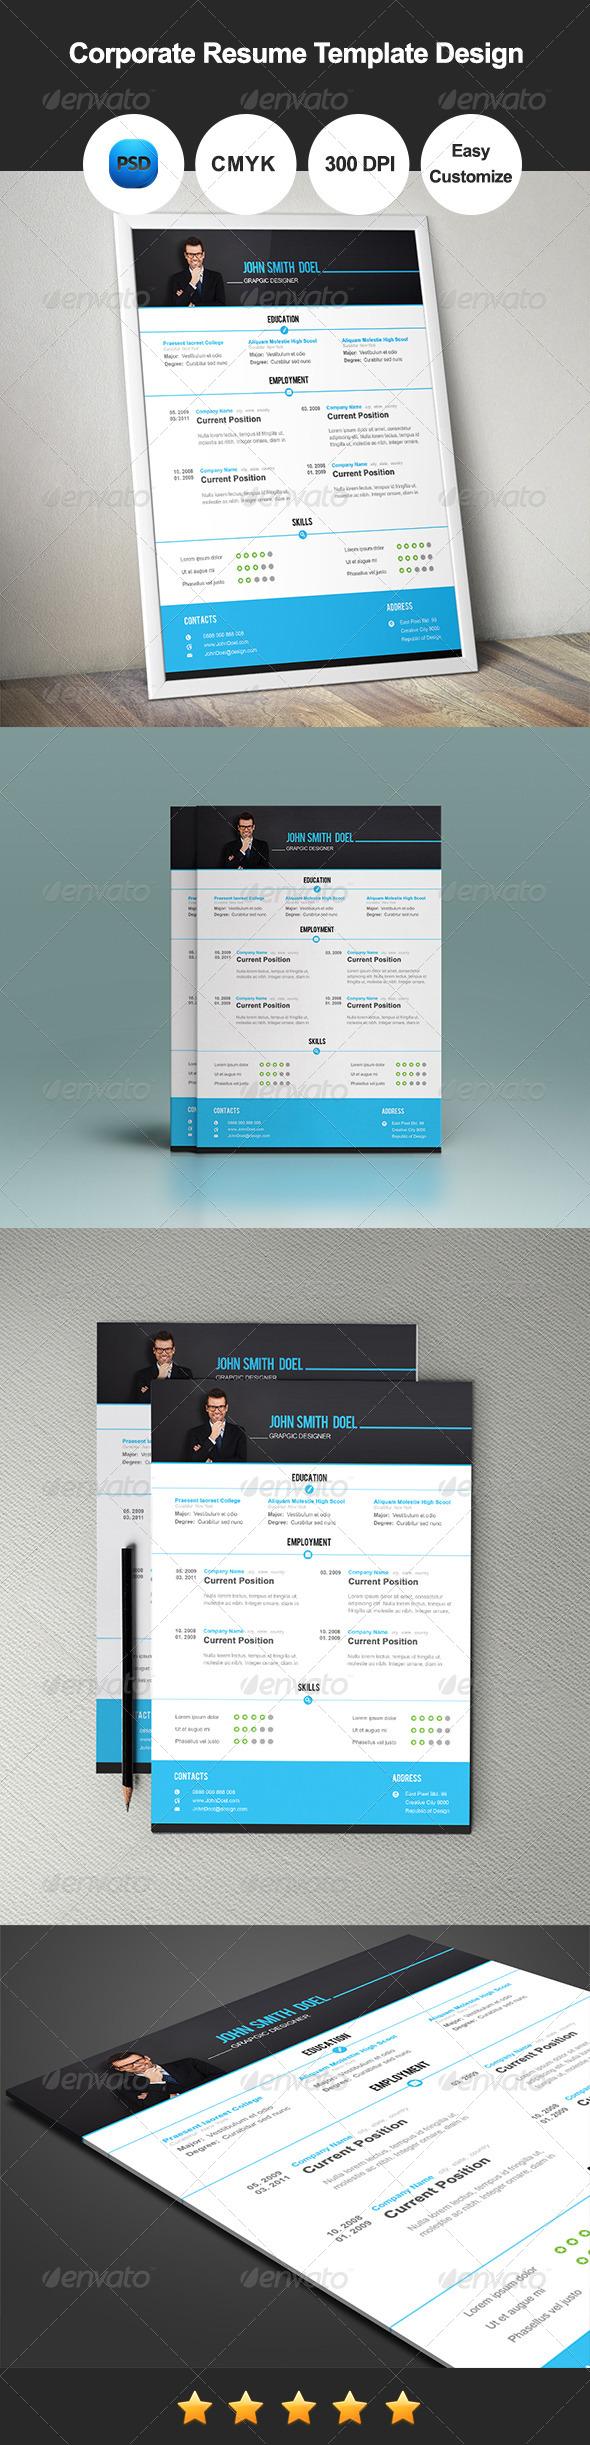 GraphicRiver Corporate Resume Template Design 7835129